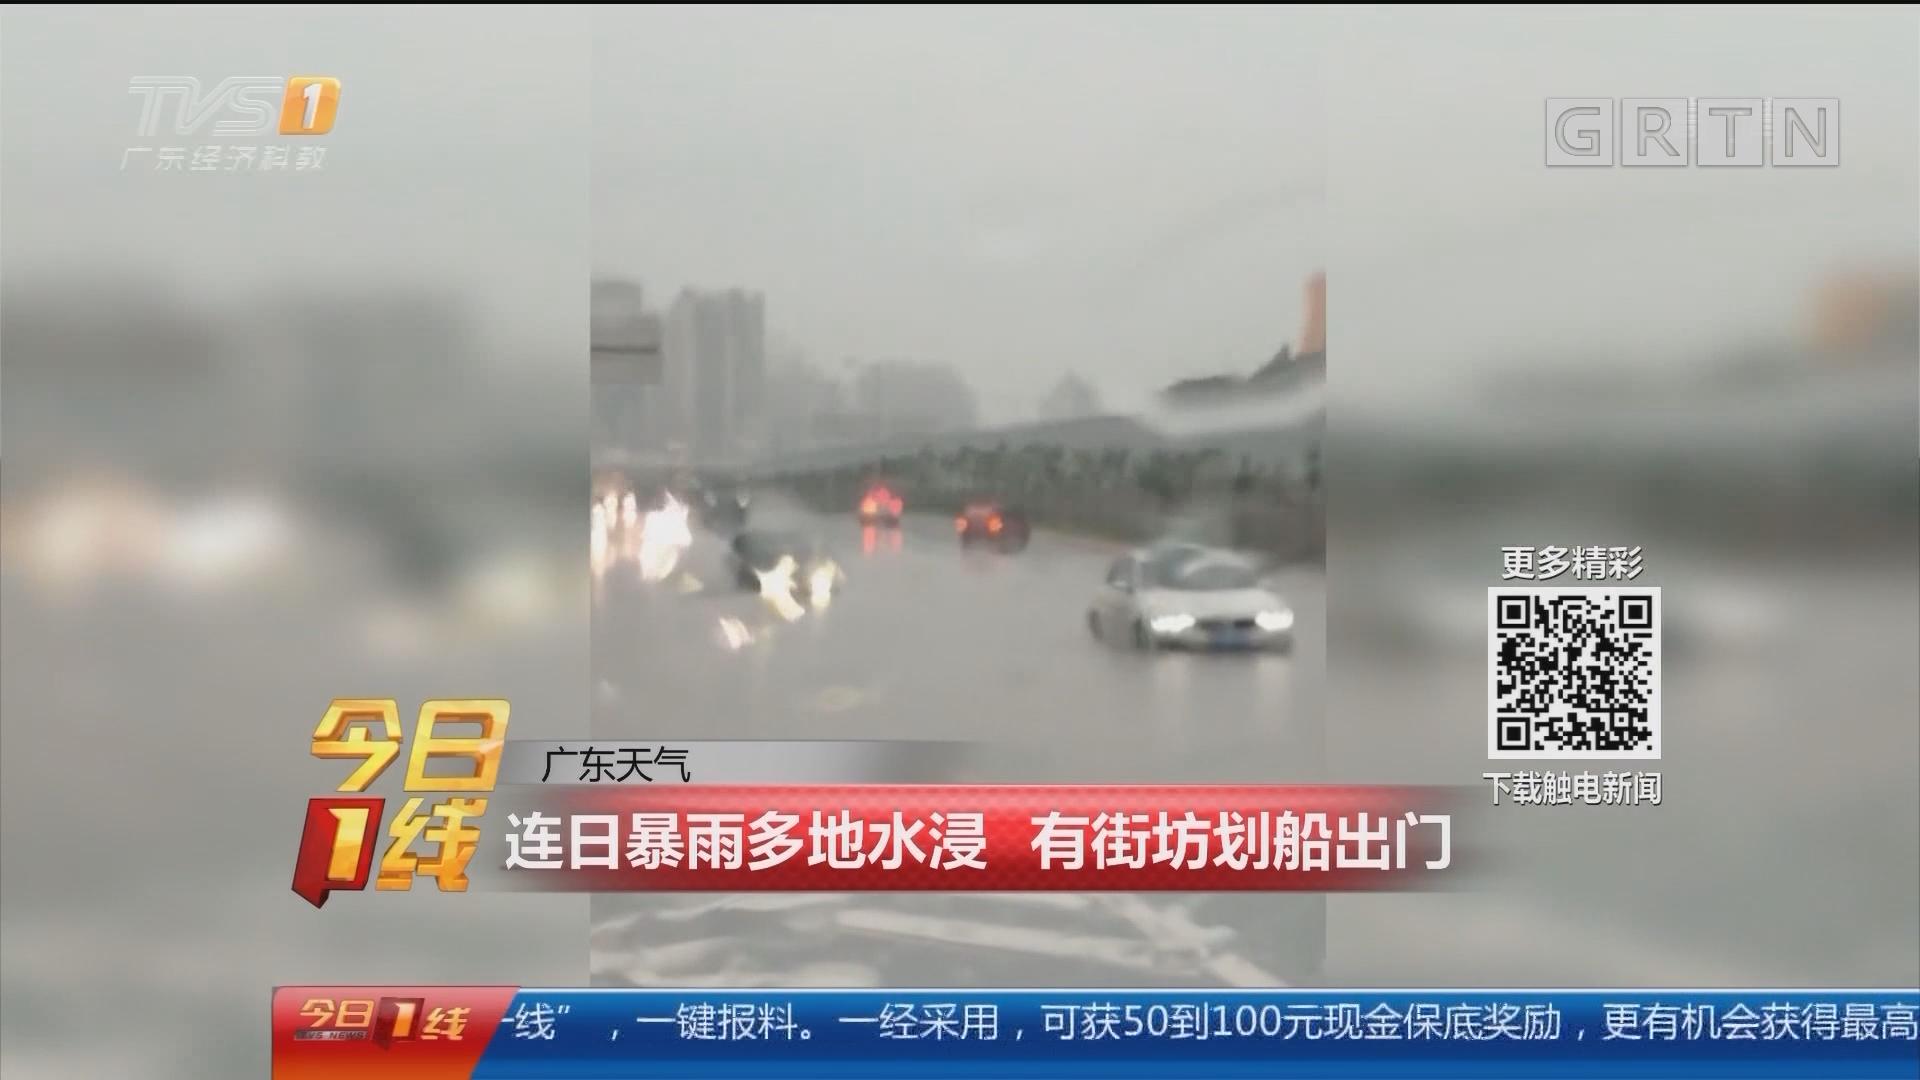 广东天气:连日暴雨多地水浸 有街坊划船出门